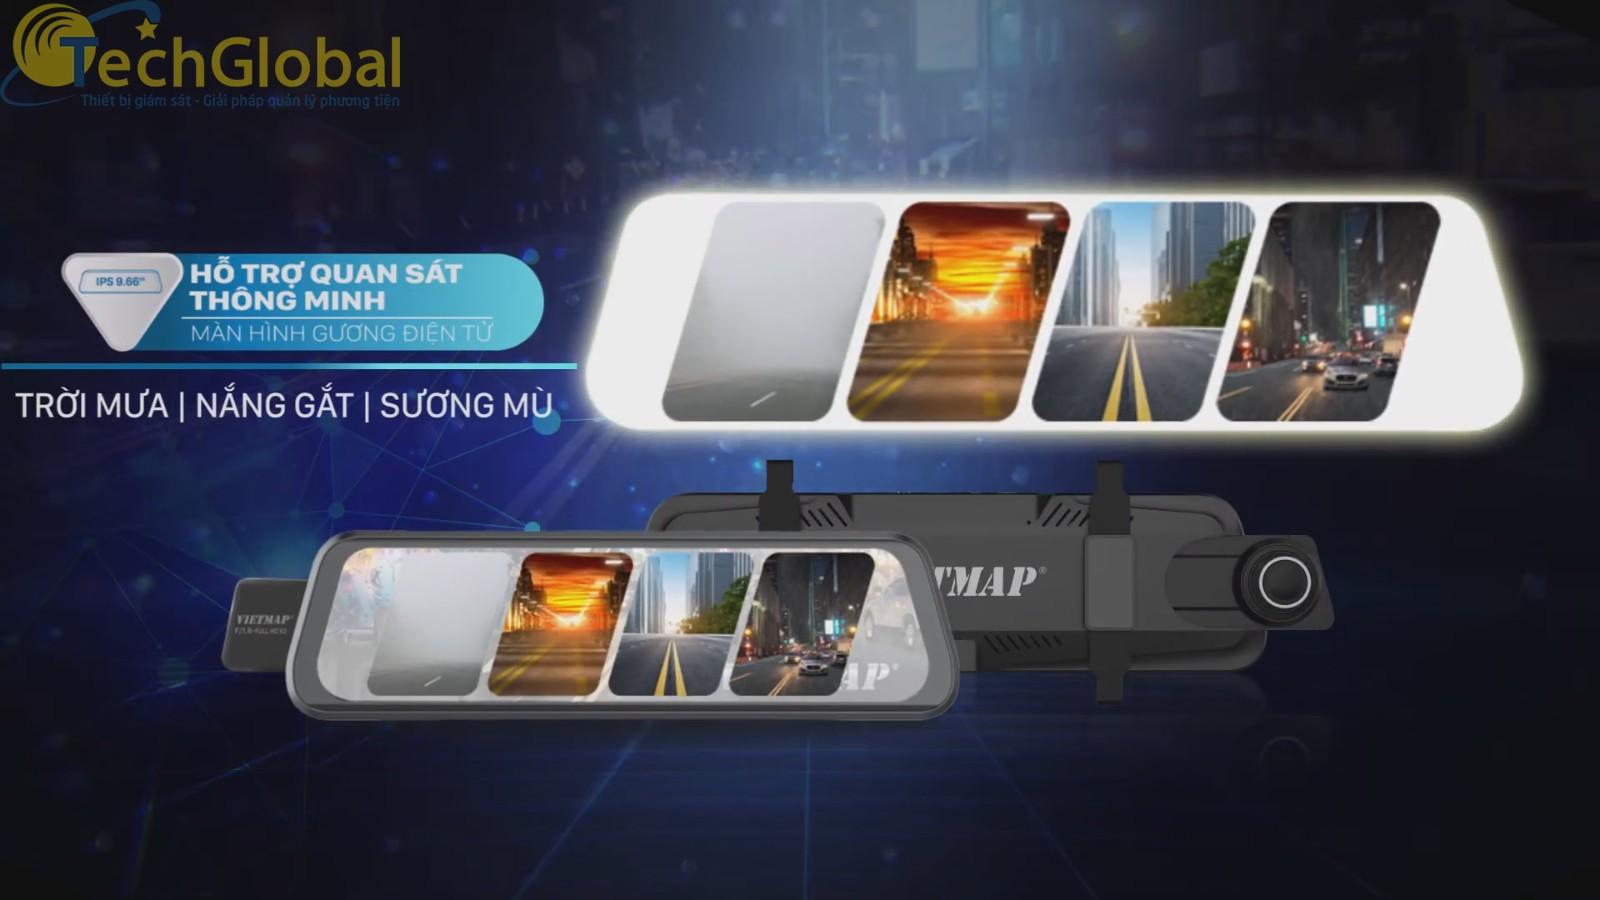 Màn hình Gương điện tử hỗ trợ quan sát toàn cảnh sau xe trong mọi thời tiết.